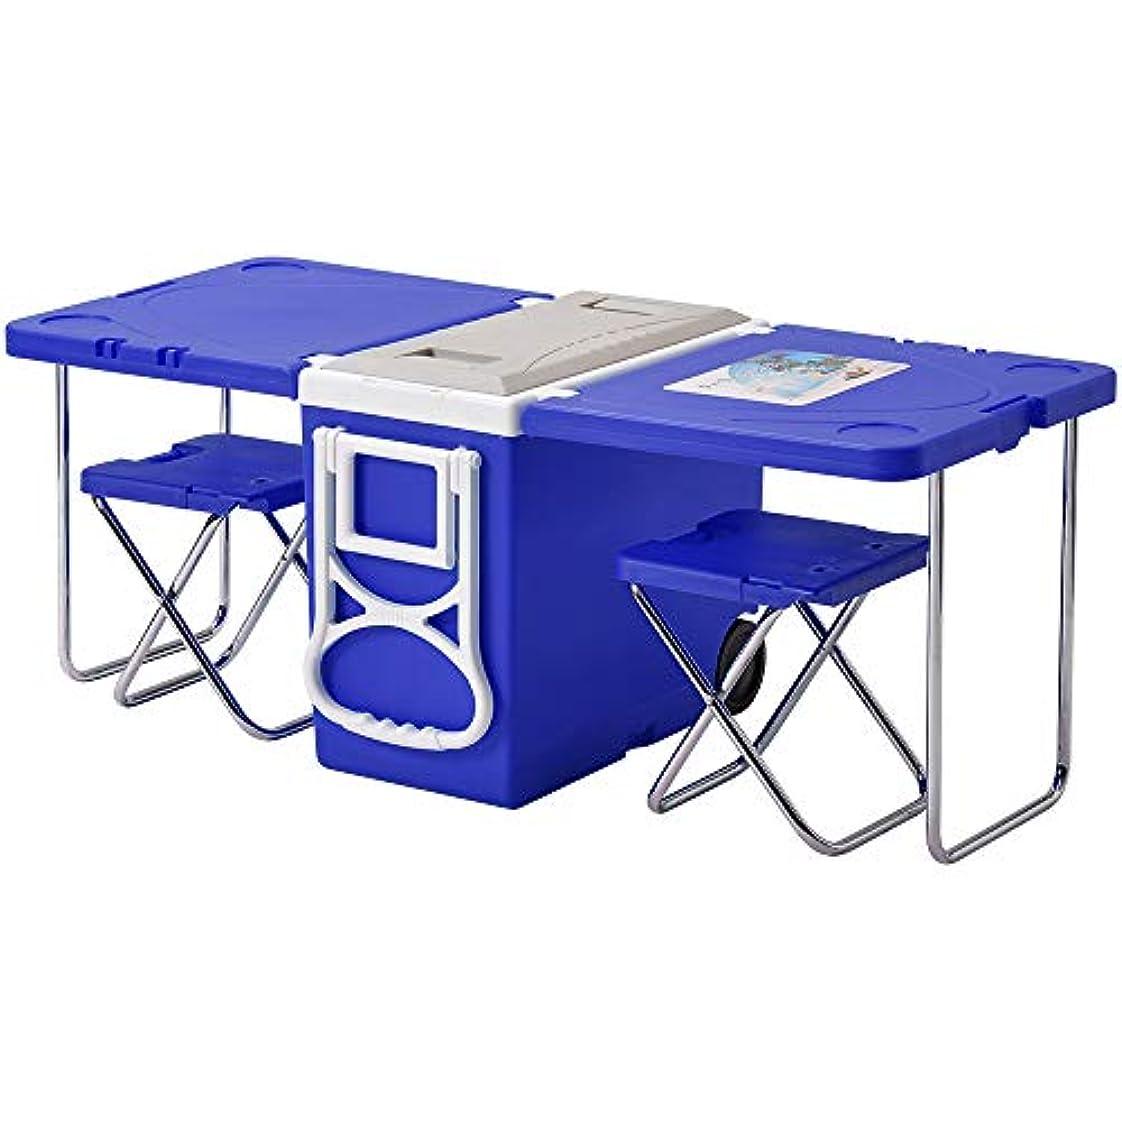 派手ビジターピクニッククーラーボックス テーブル イス付き キャスター付き 大容量 28L 折りたたみ 保冷バッグ アウトドア 屋外 キャンプ